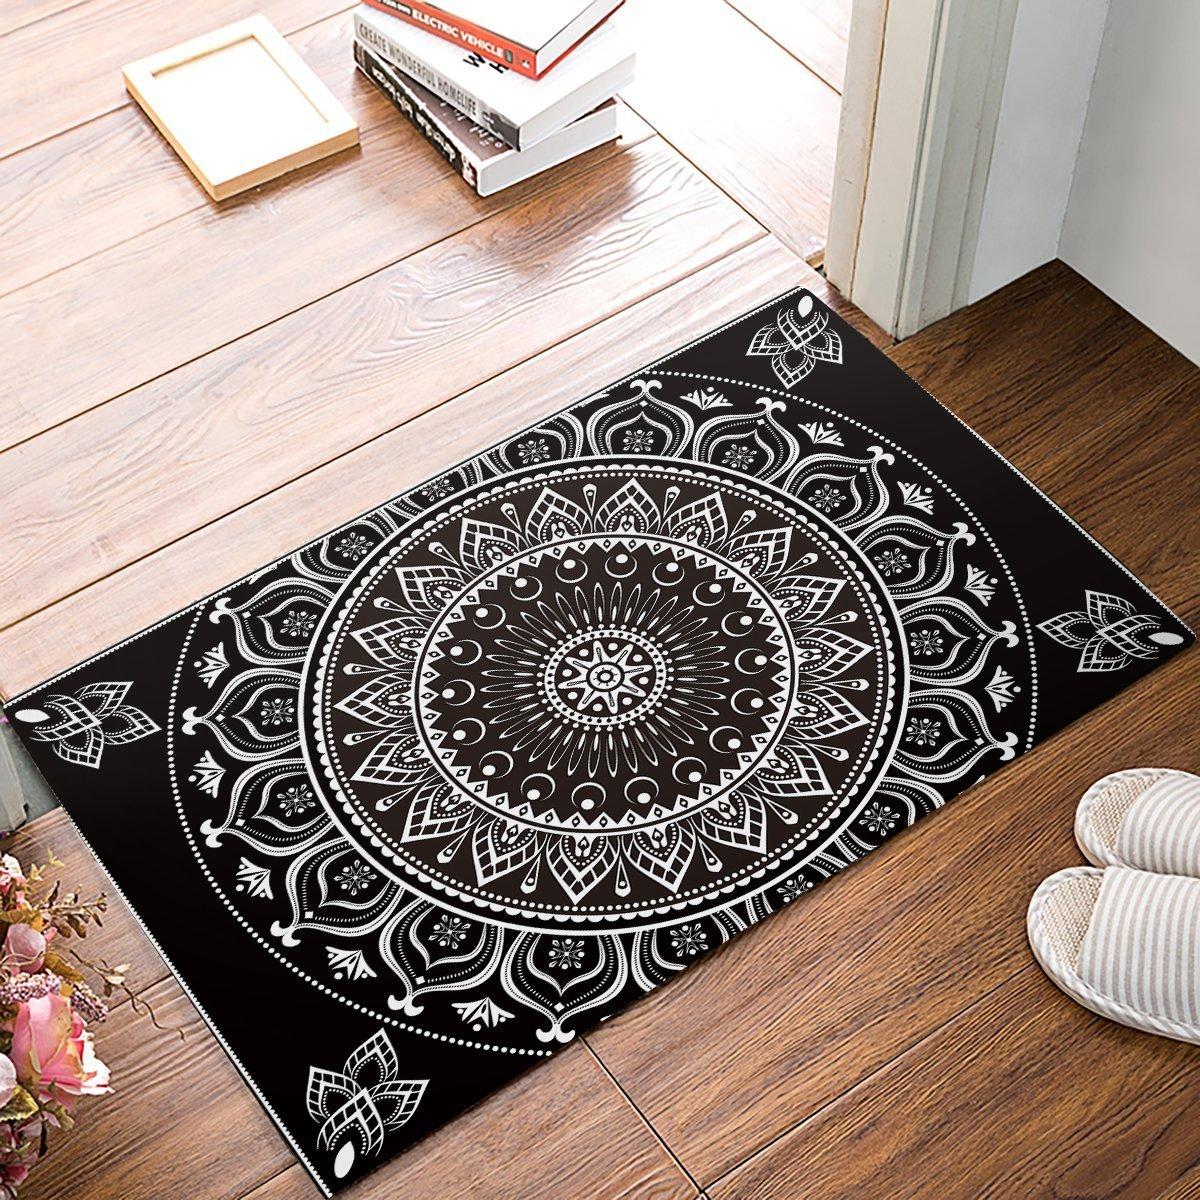 Infinidesign Welcome Doormat Kitchen Floor Bath Entrance Mat Rug Indoor//Front Door Thin Mats Rubber Non Slip 32x20 Antique Flowers Welcome